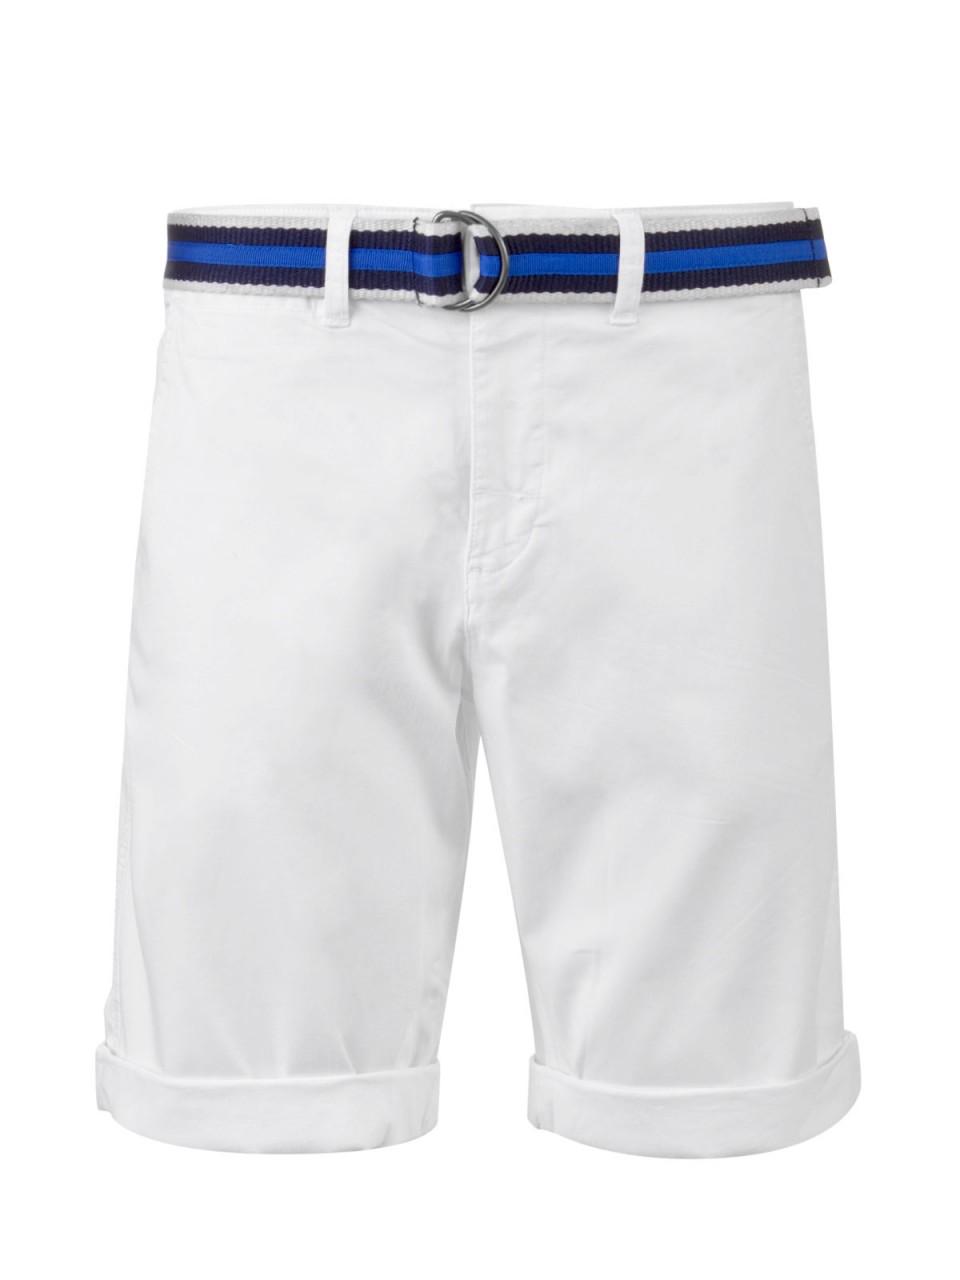 milano-italy-herren-bermuda-shorts-wei-szlig-